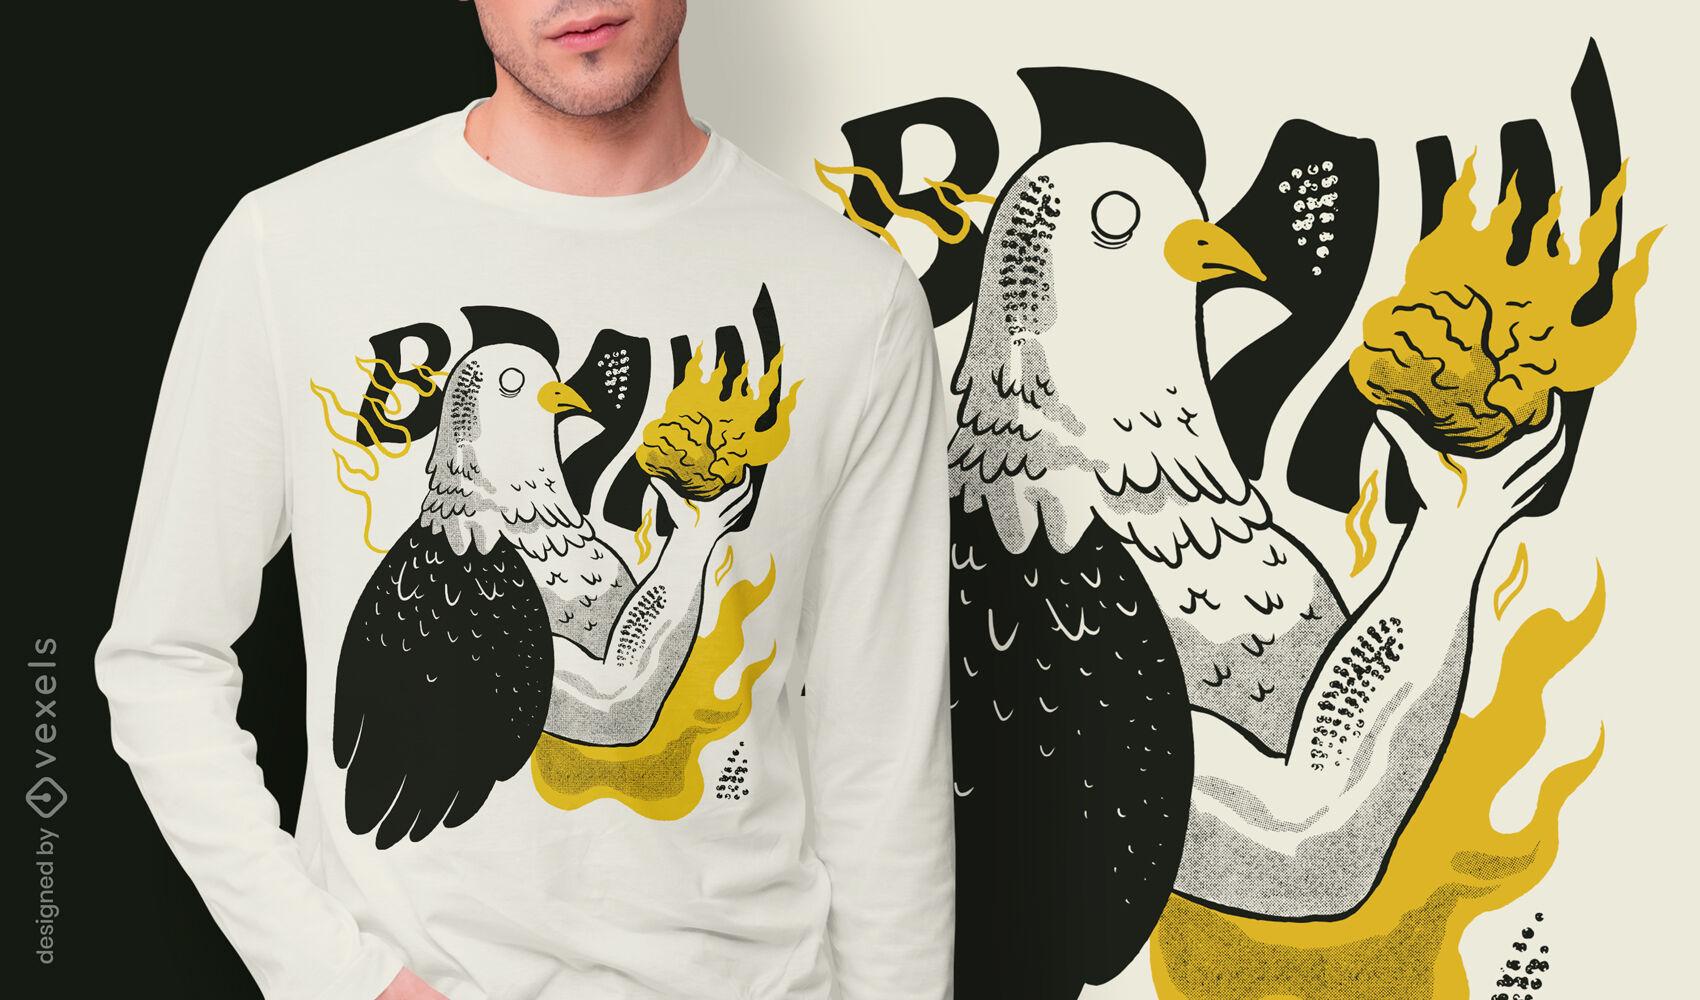 Diseño de camiseta de cuerpo de pájaro pidgeon extraño